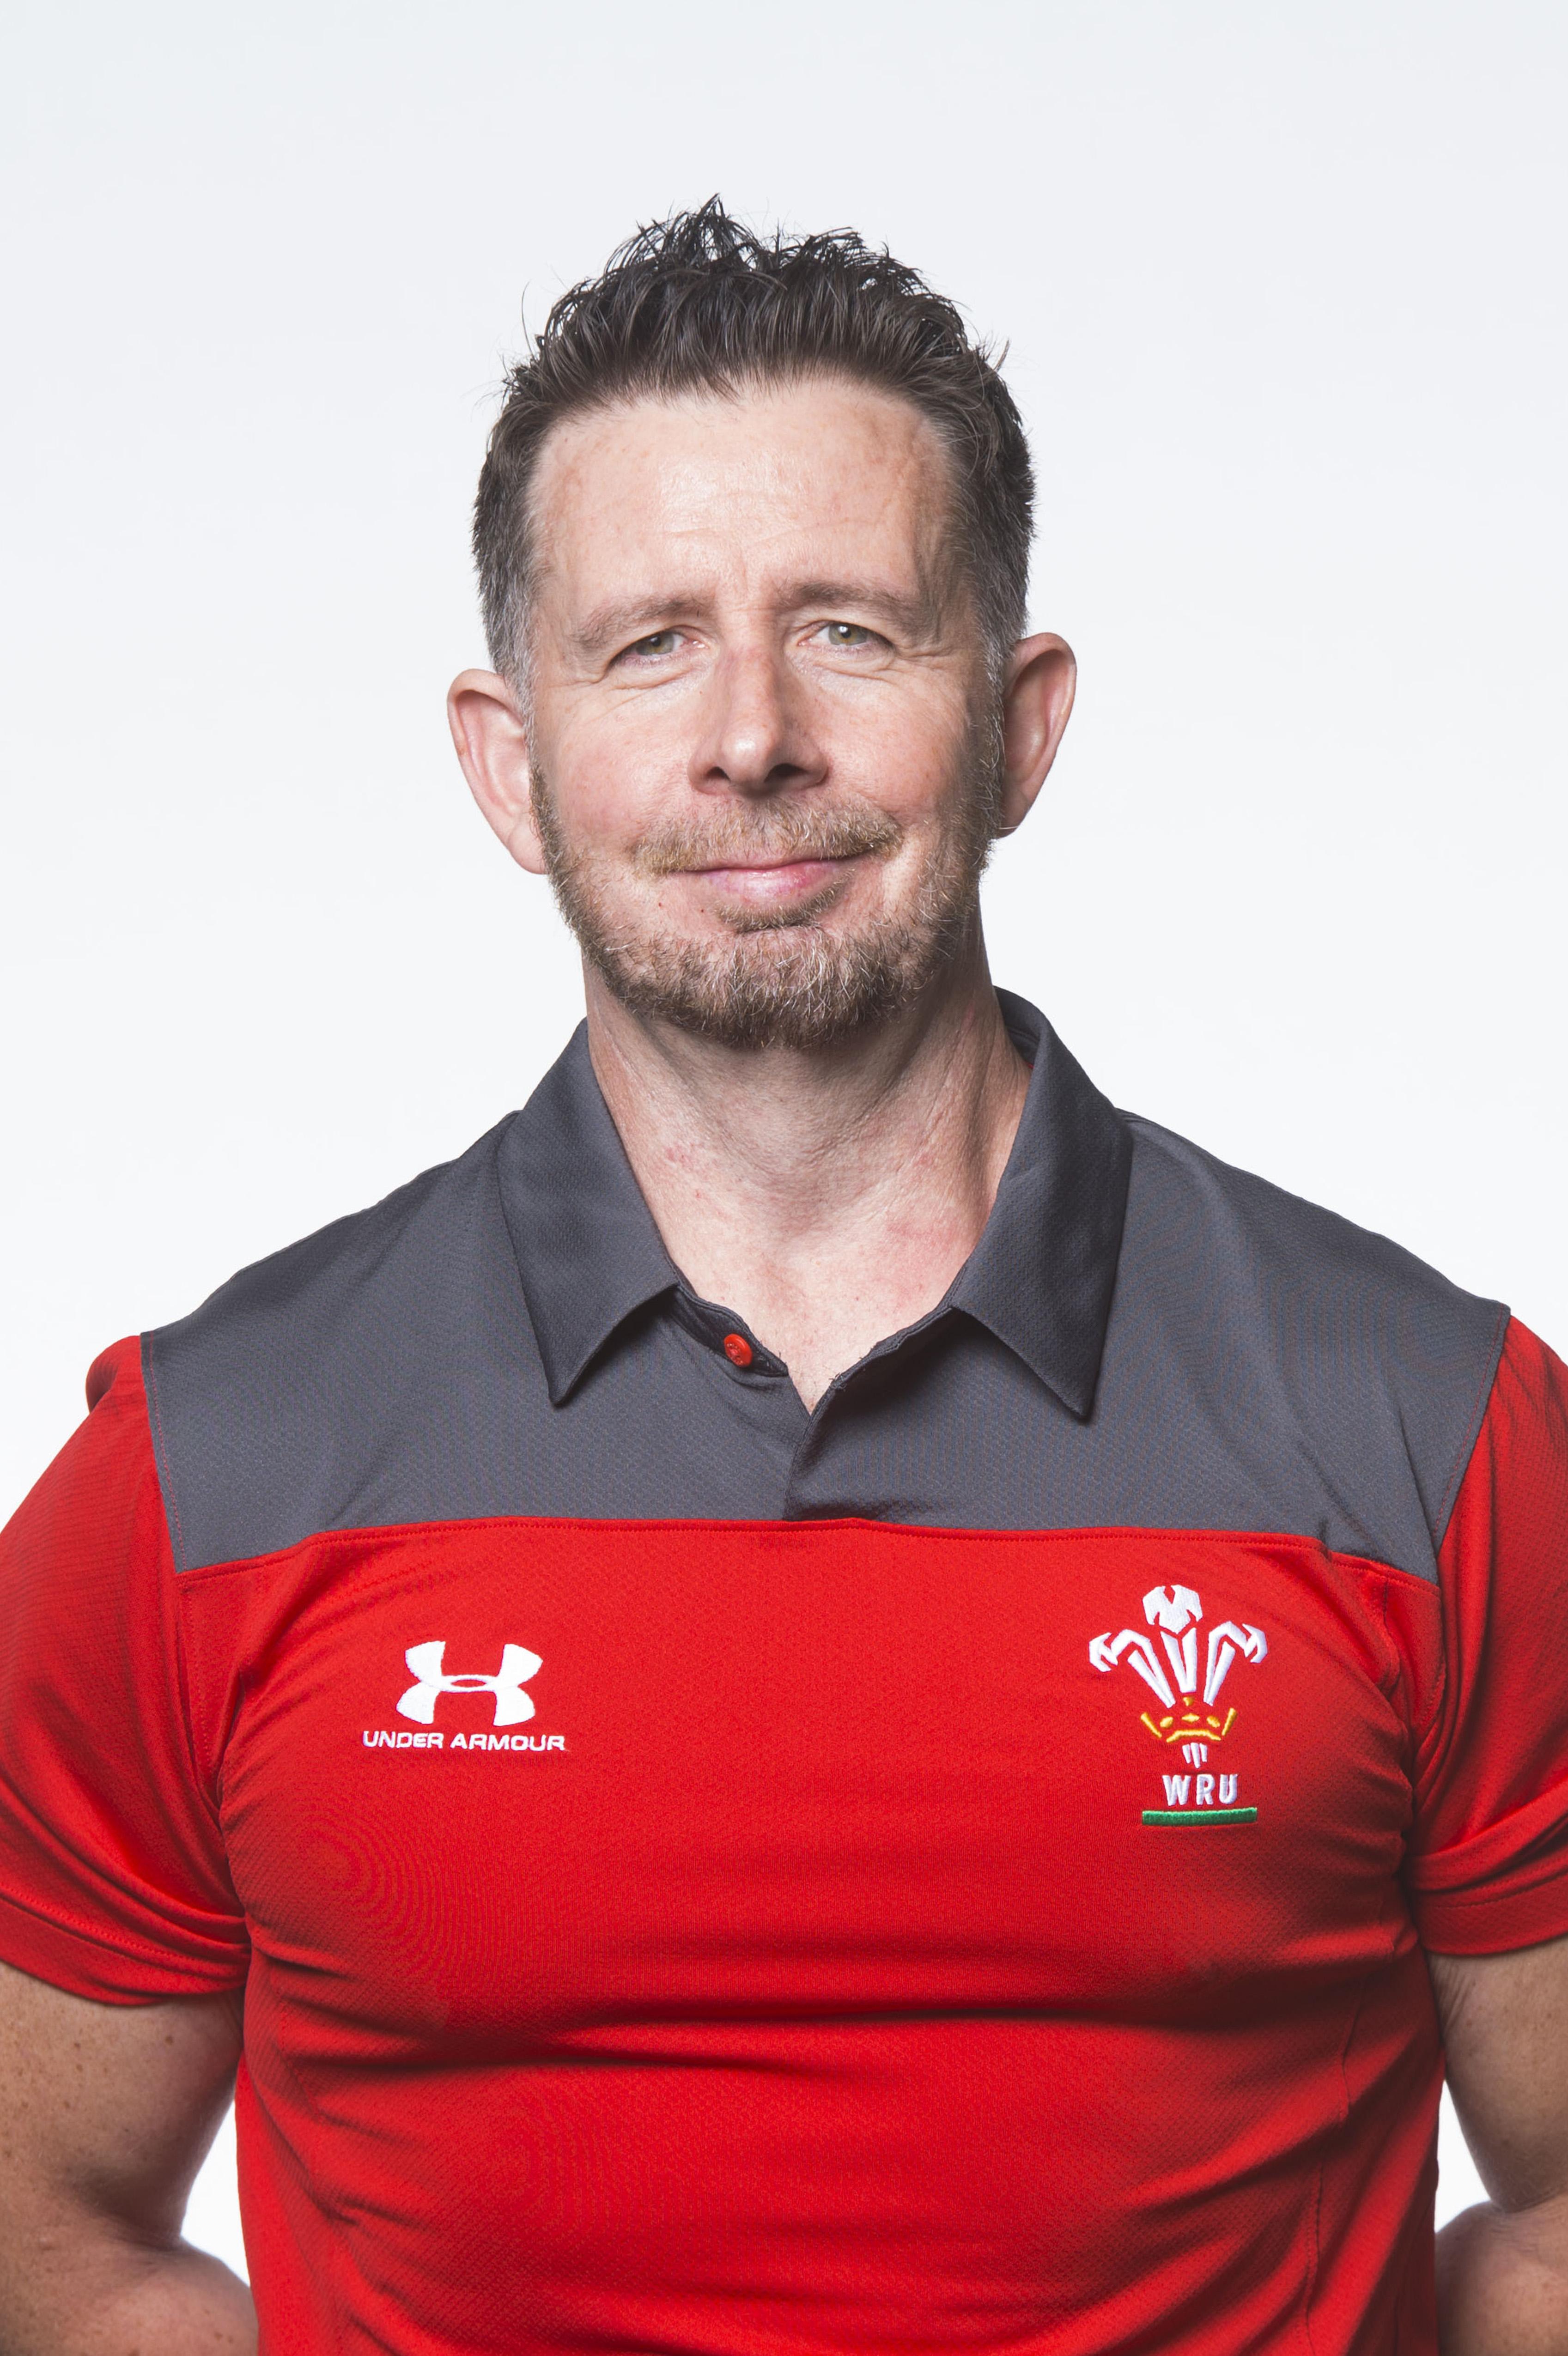 Jon Williams